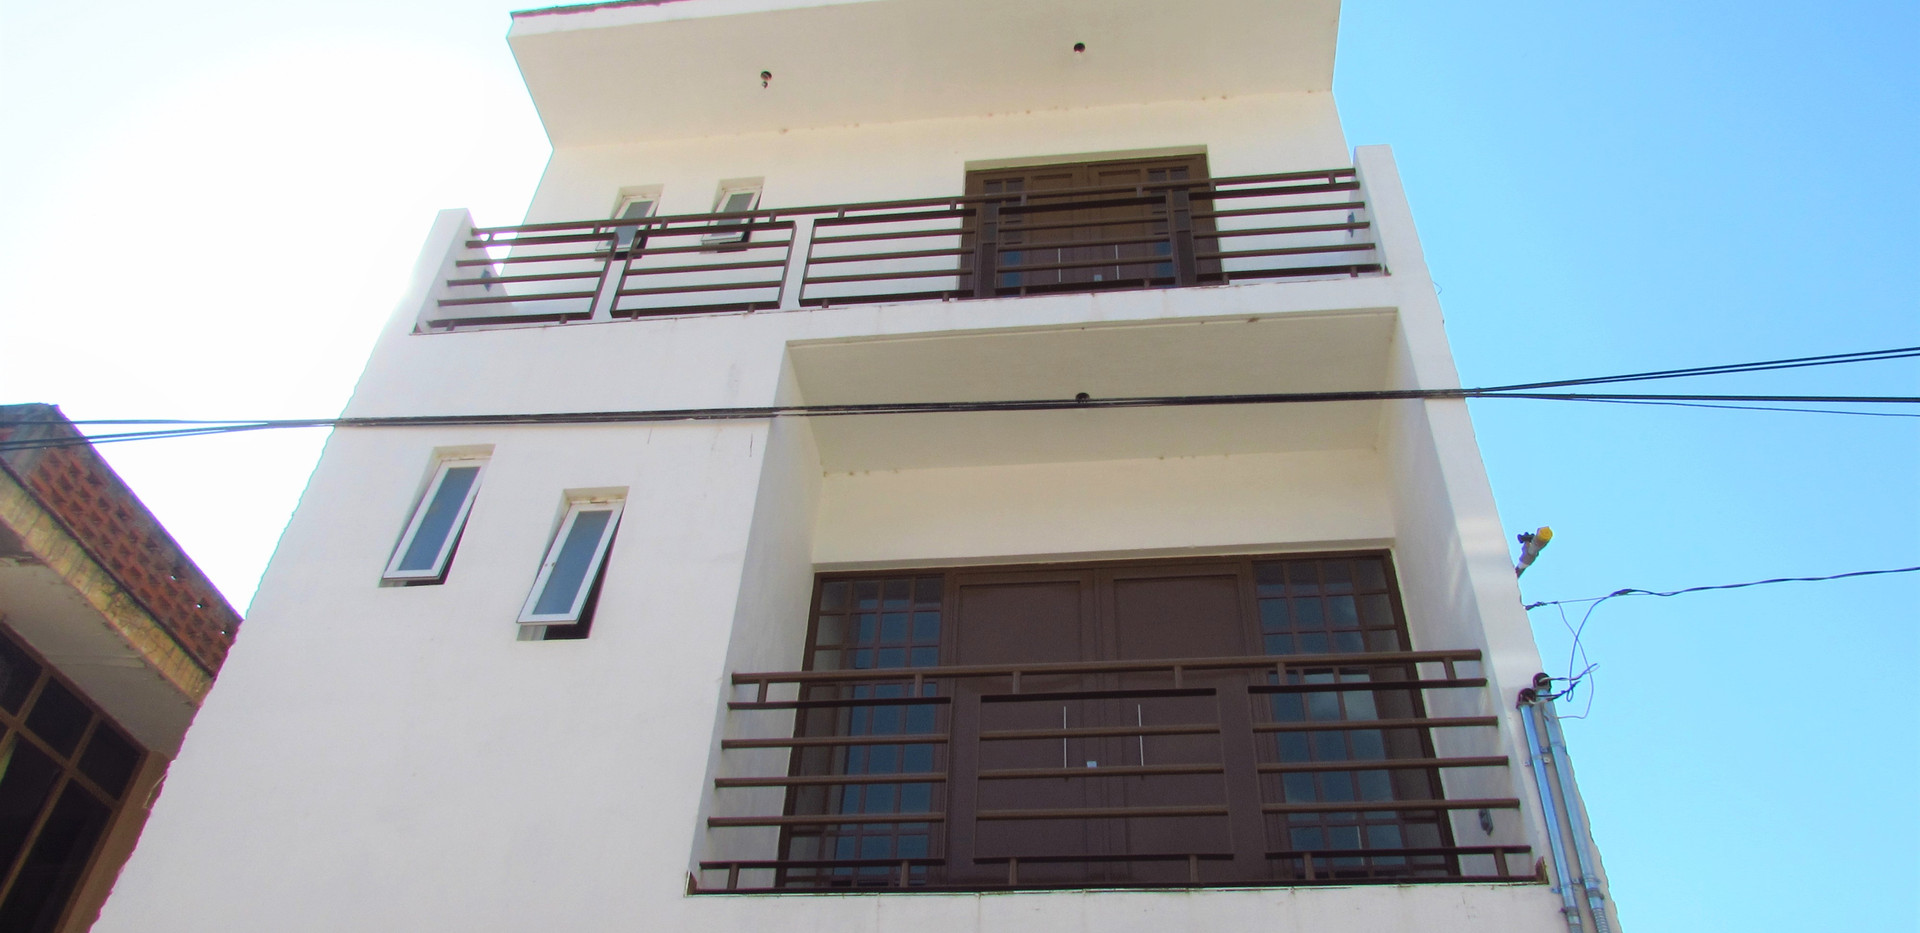 2 upper floors